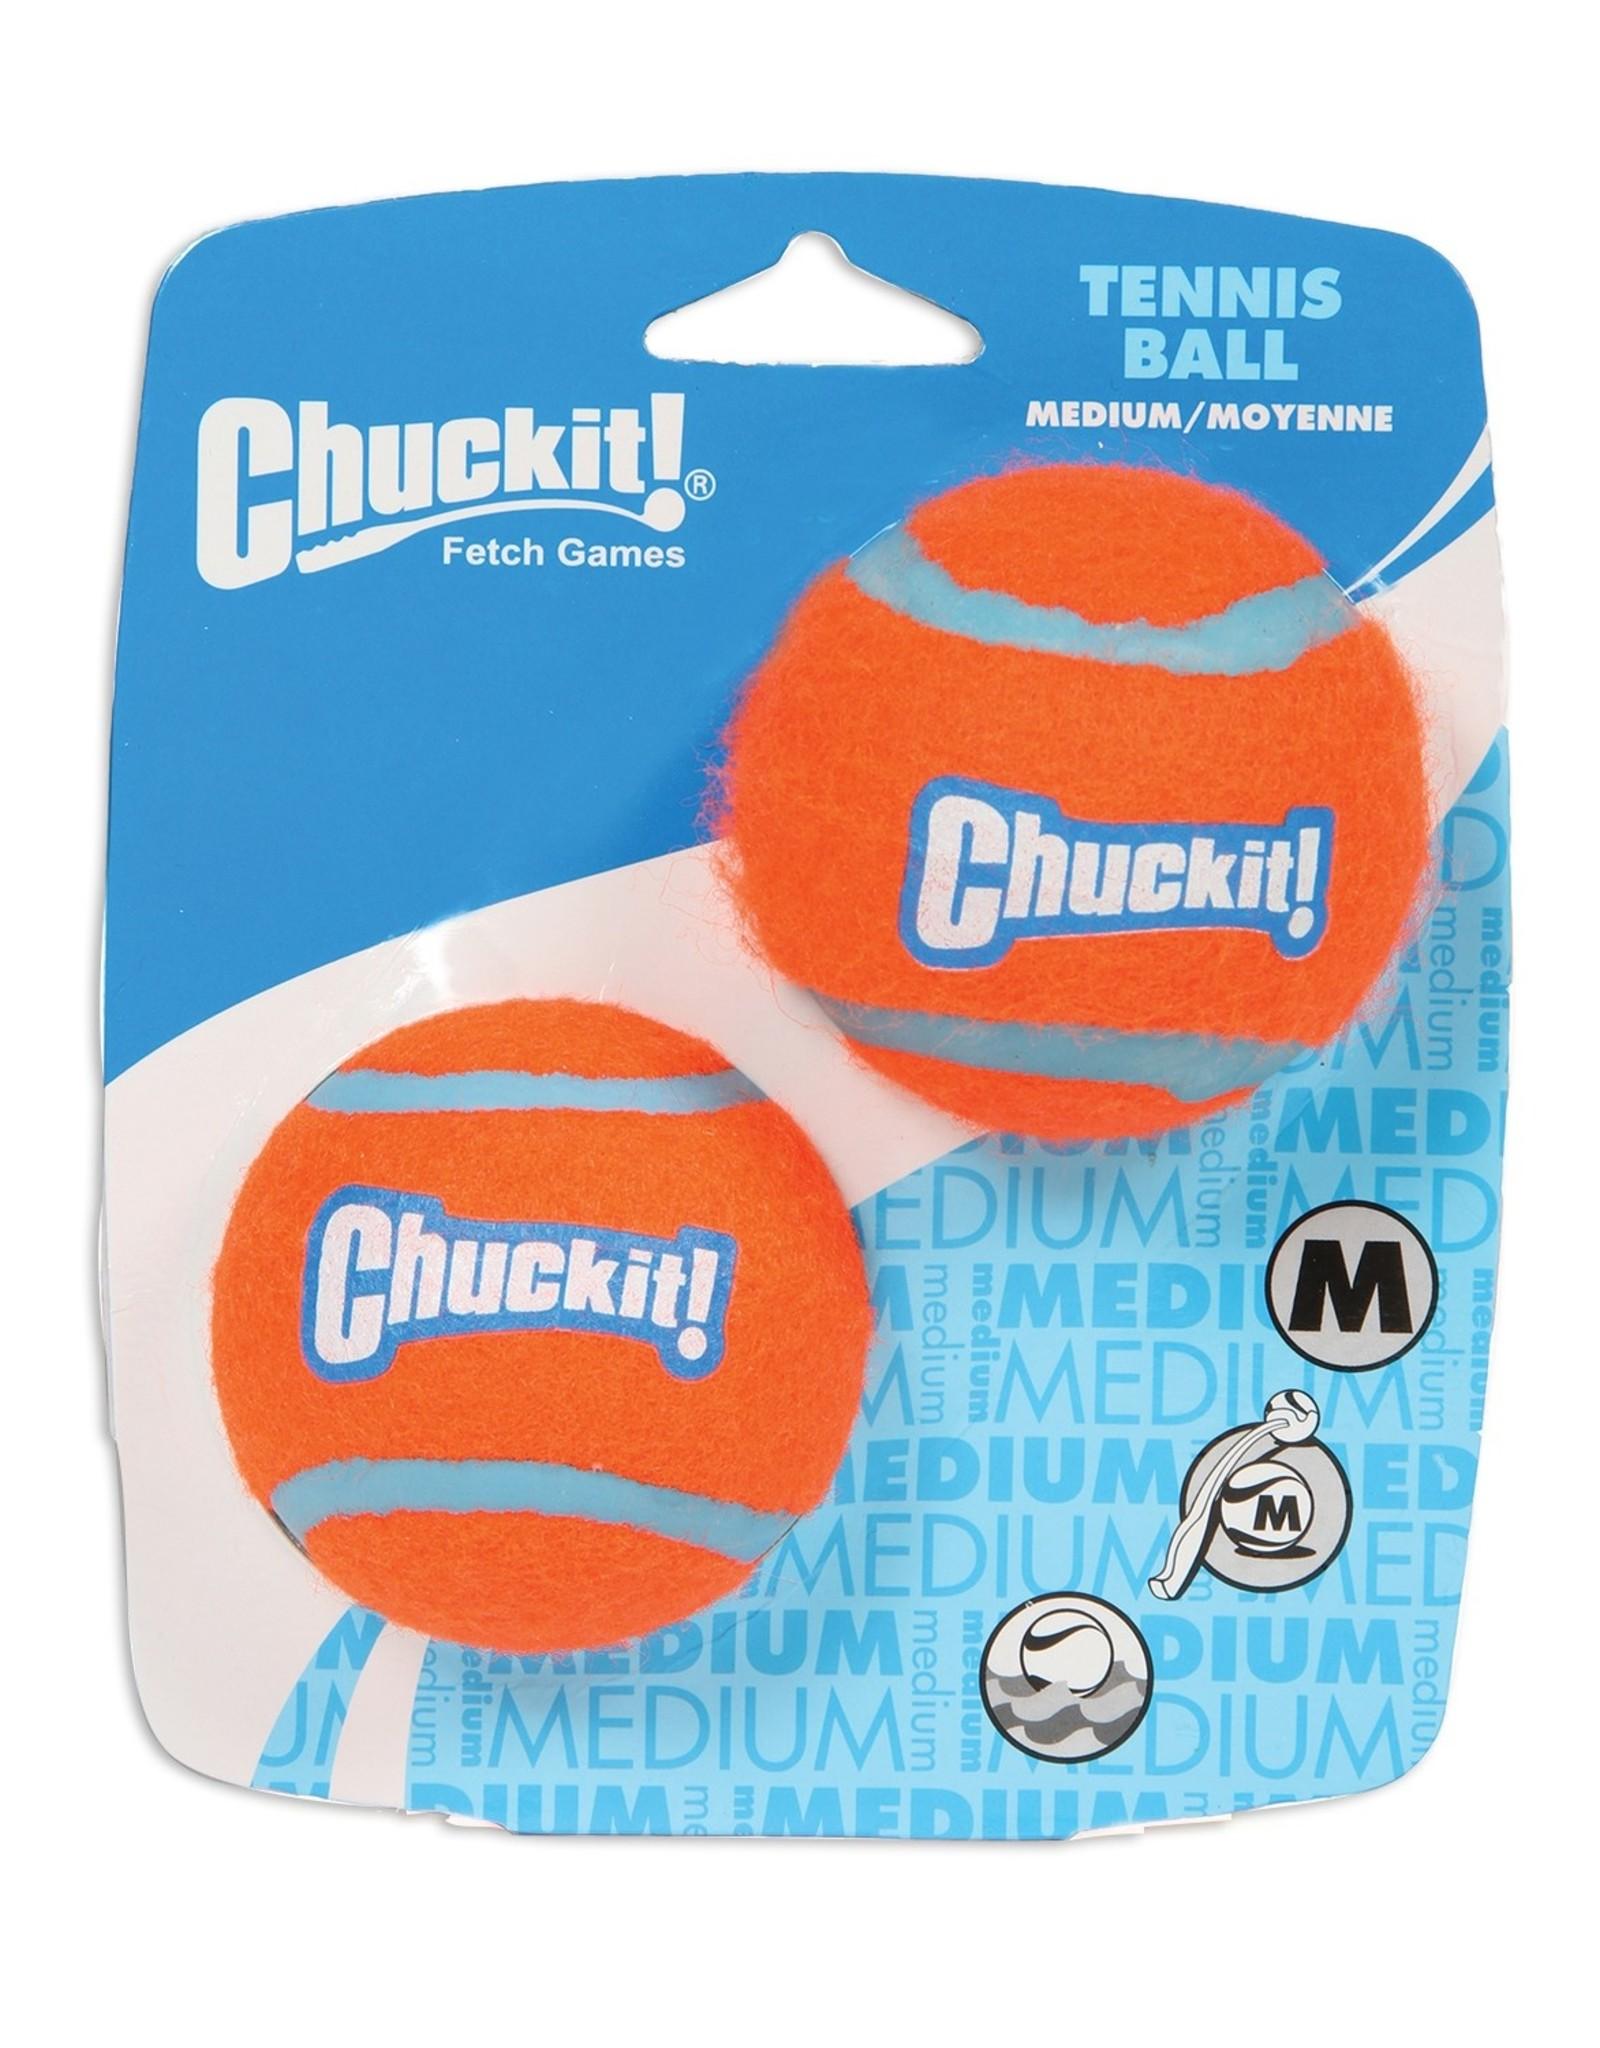 CHUCK IT! TENNIS BALLS 2PACK  XLG